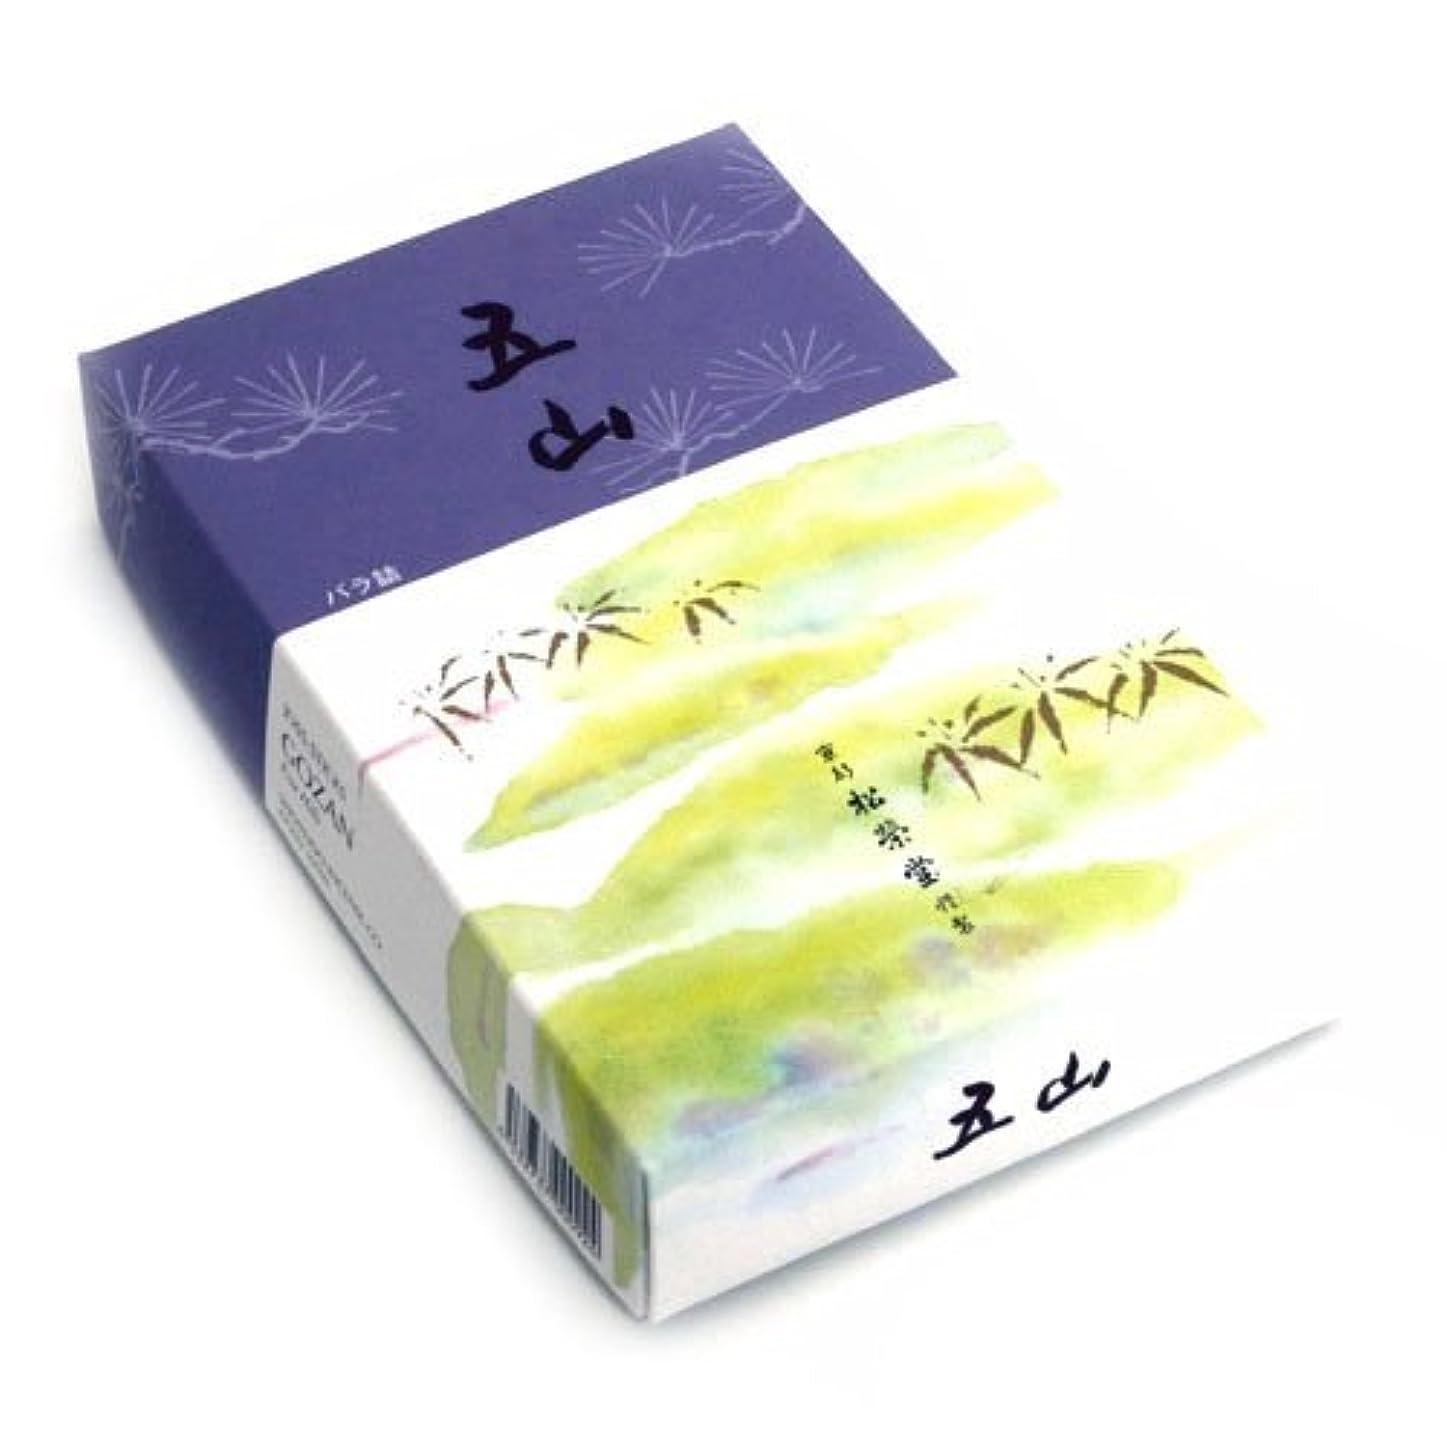 略奪ほぼ気づかないShoyeidoの5つのHills Incense、450 sticks – Gozan